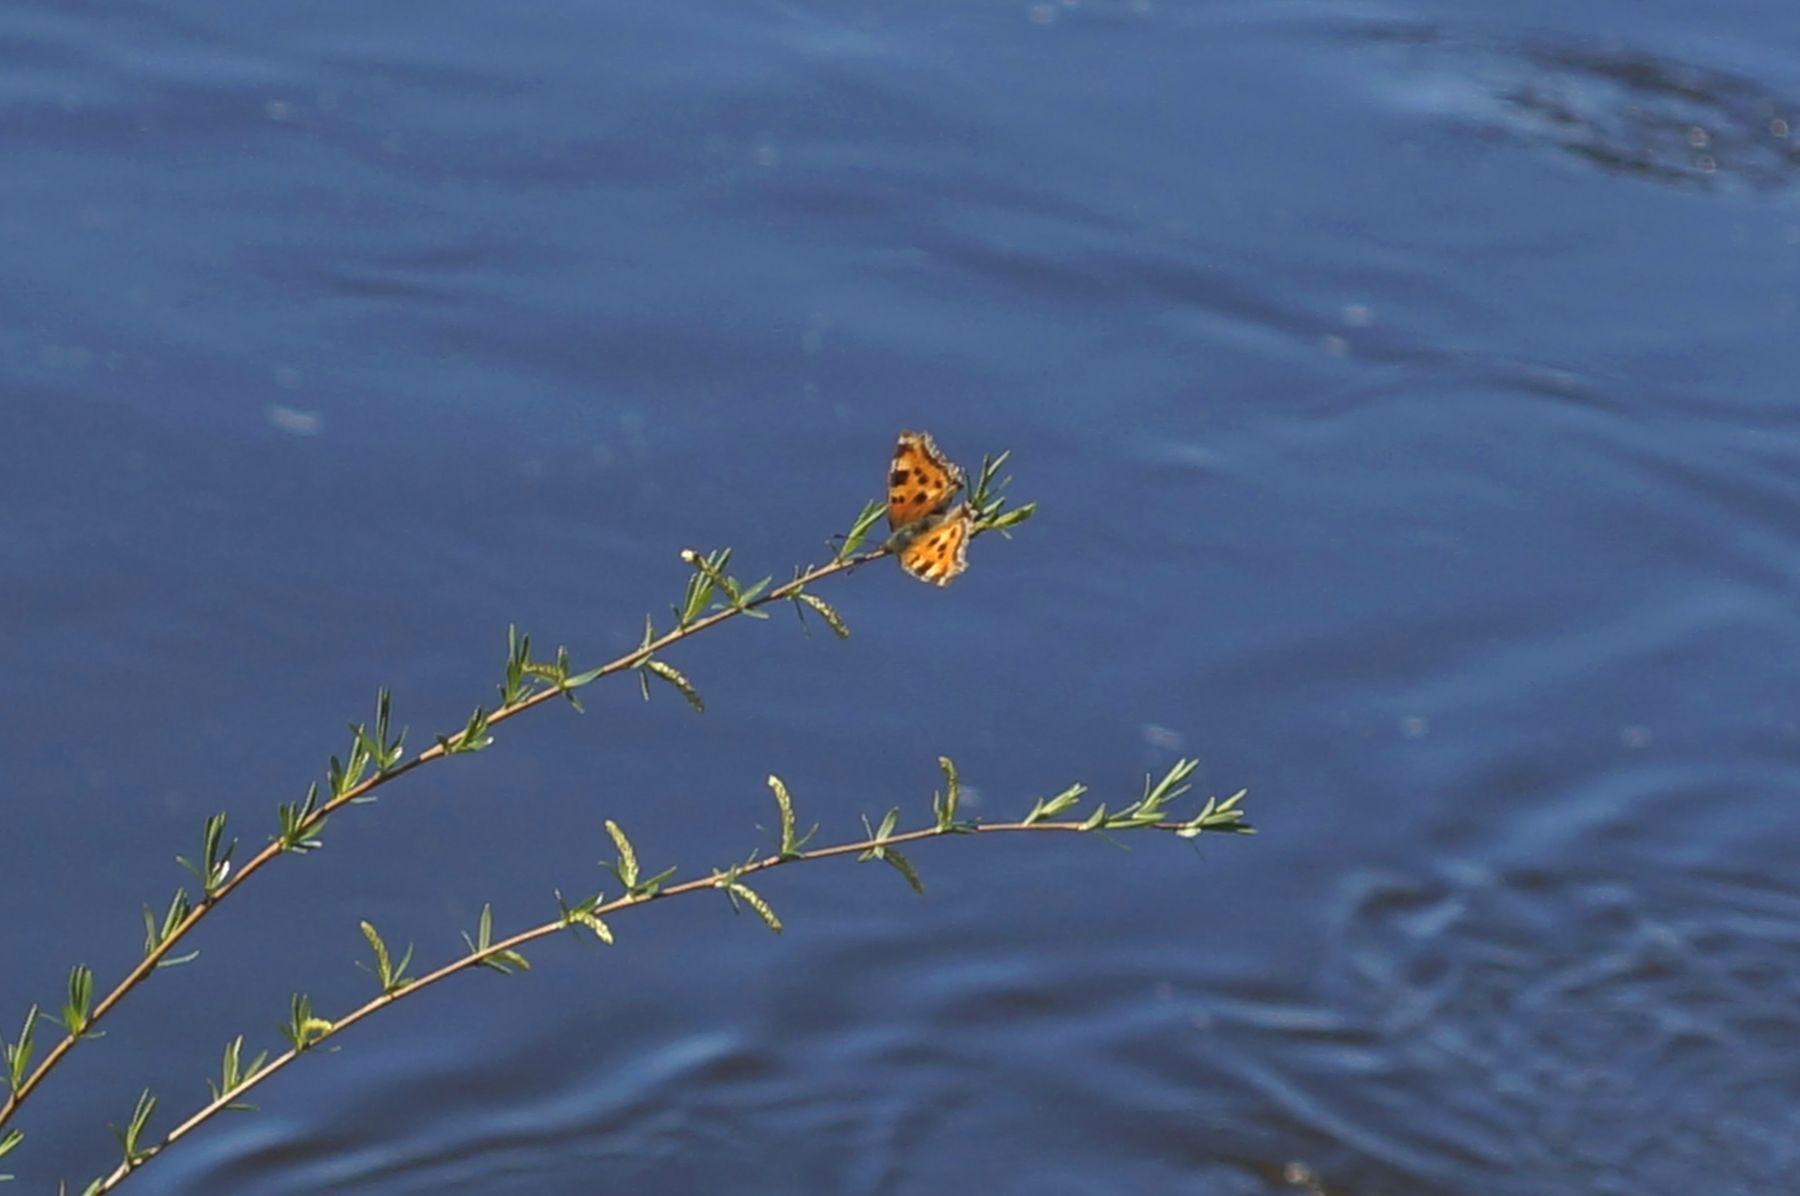 Бабочка бабочка верба ветка вода река